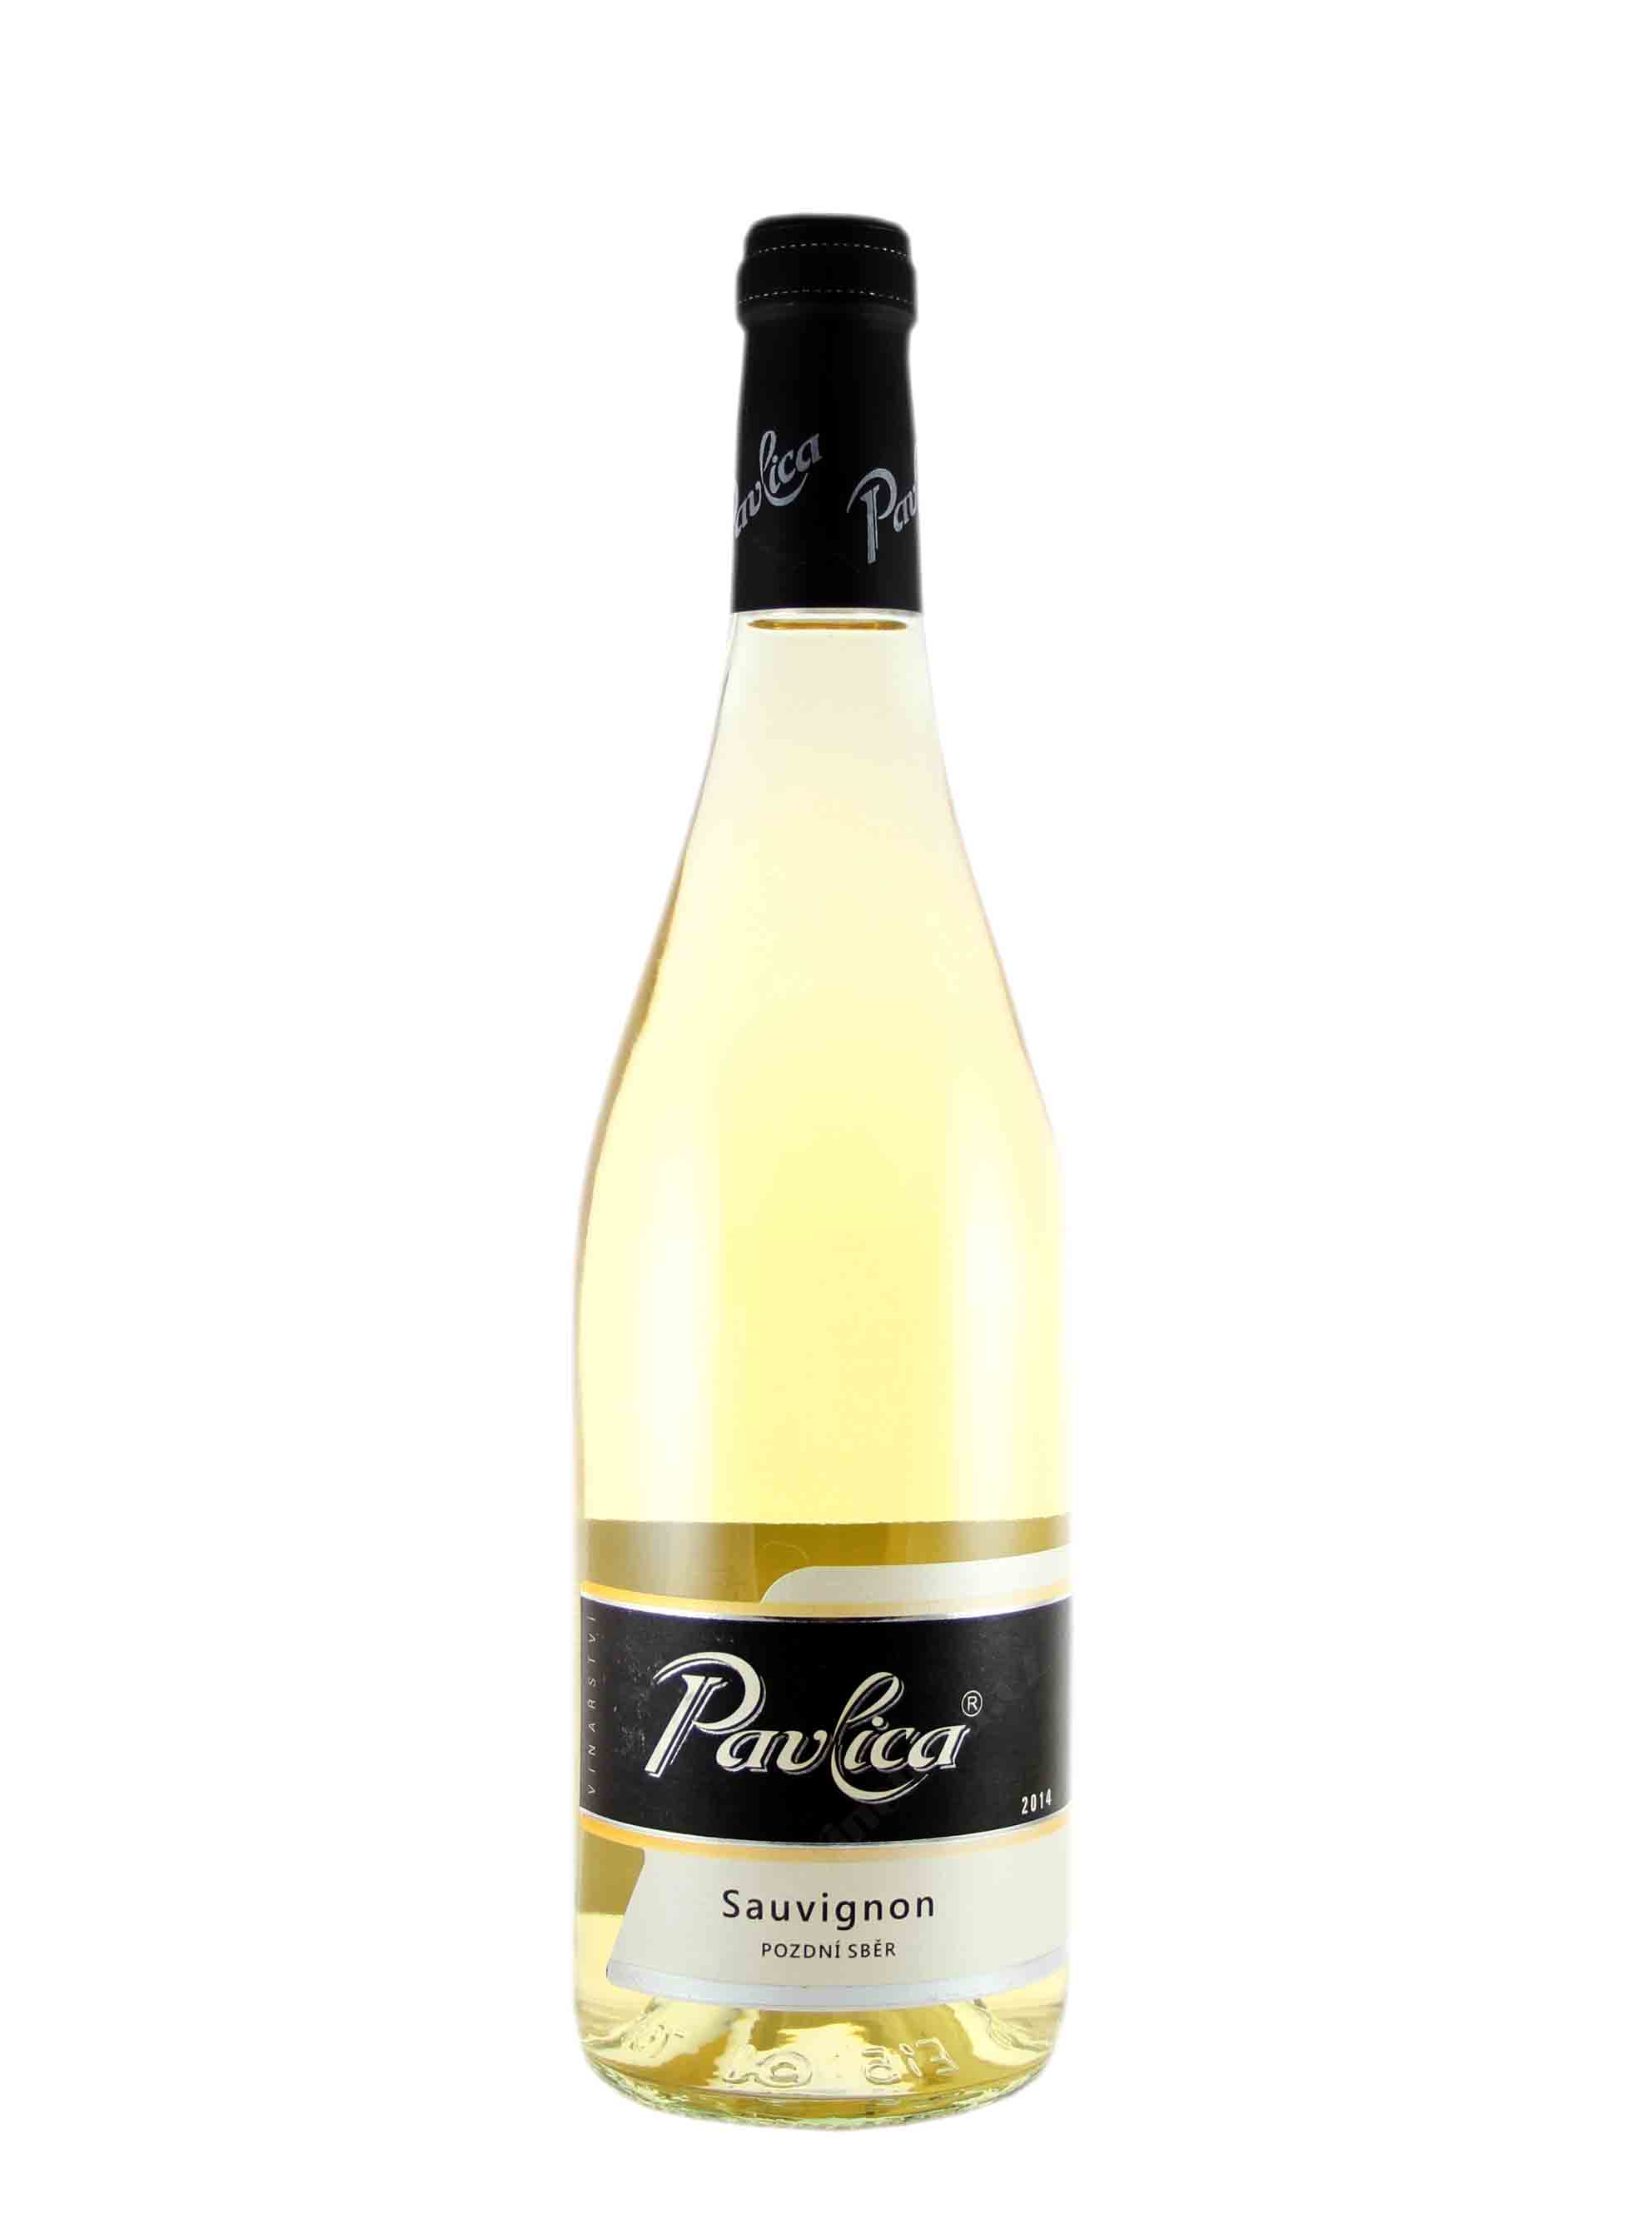 Sauvignon, Pozdní sběr, 2014, Vinařství Pavlica, 0.75 l